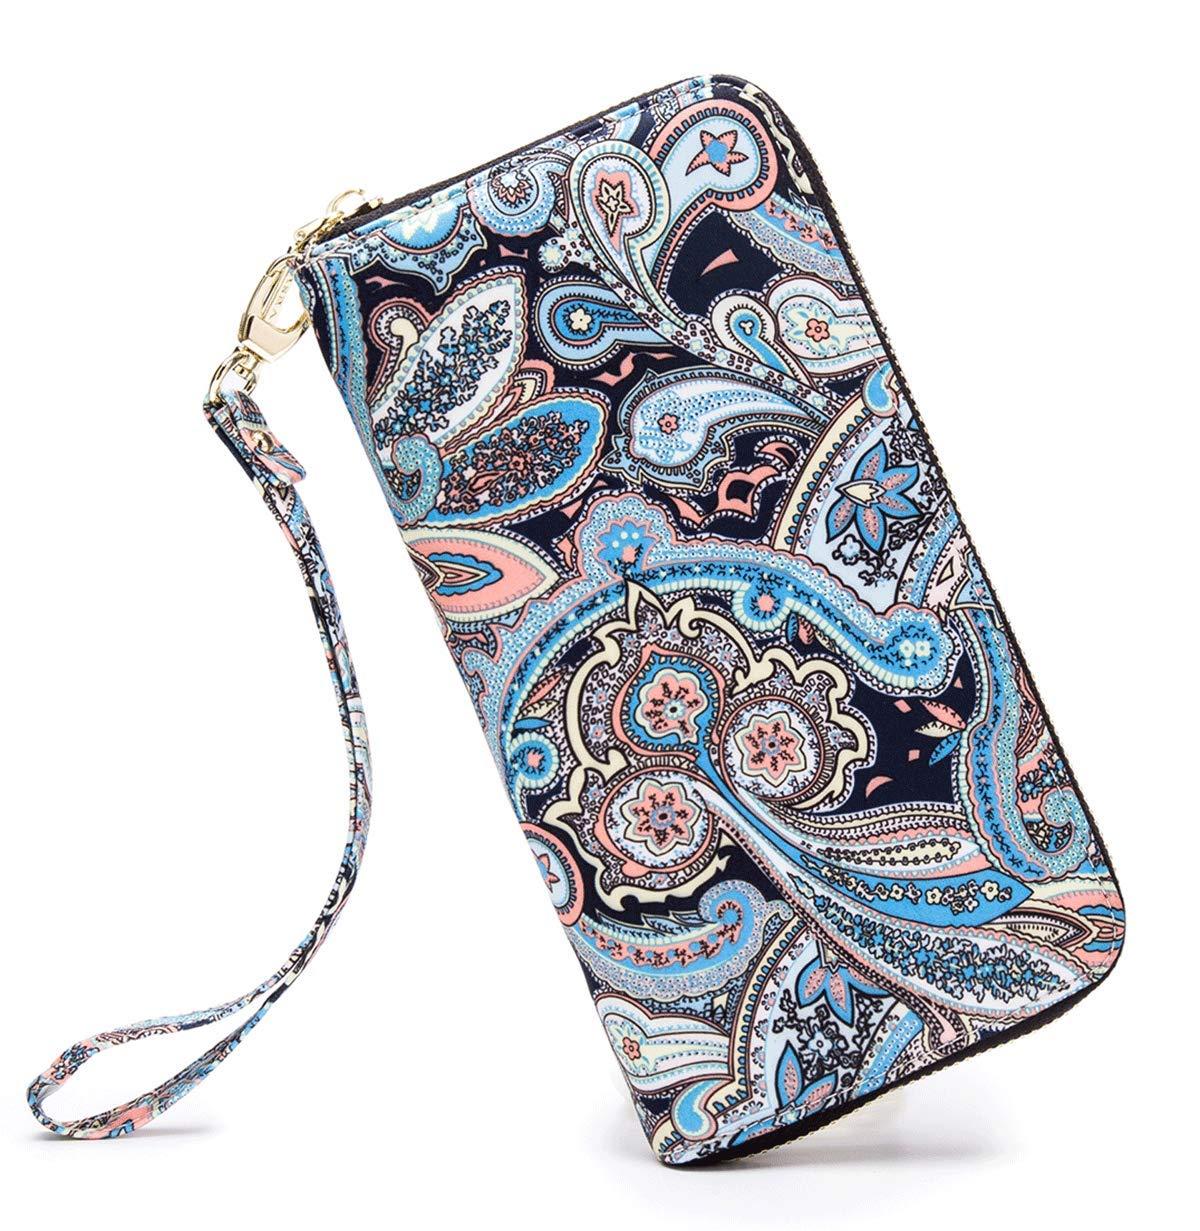 LOVESHE Women wallet WavePattern Bohemian wristlet Clutch wallets(WavePattern) by LOVESHE